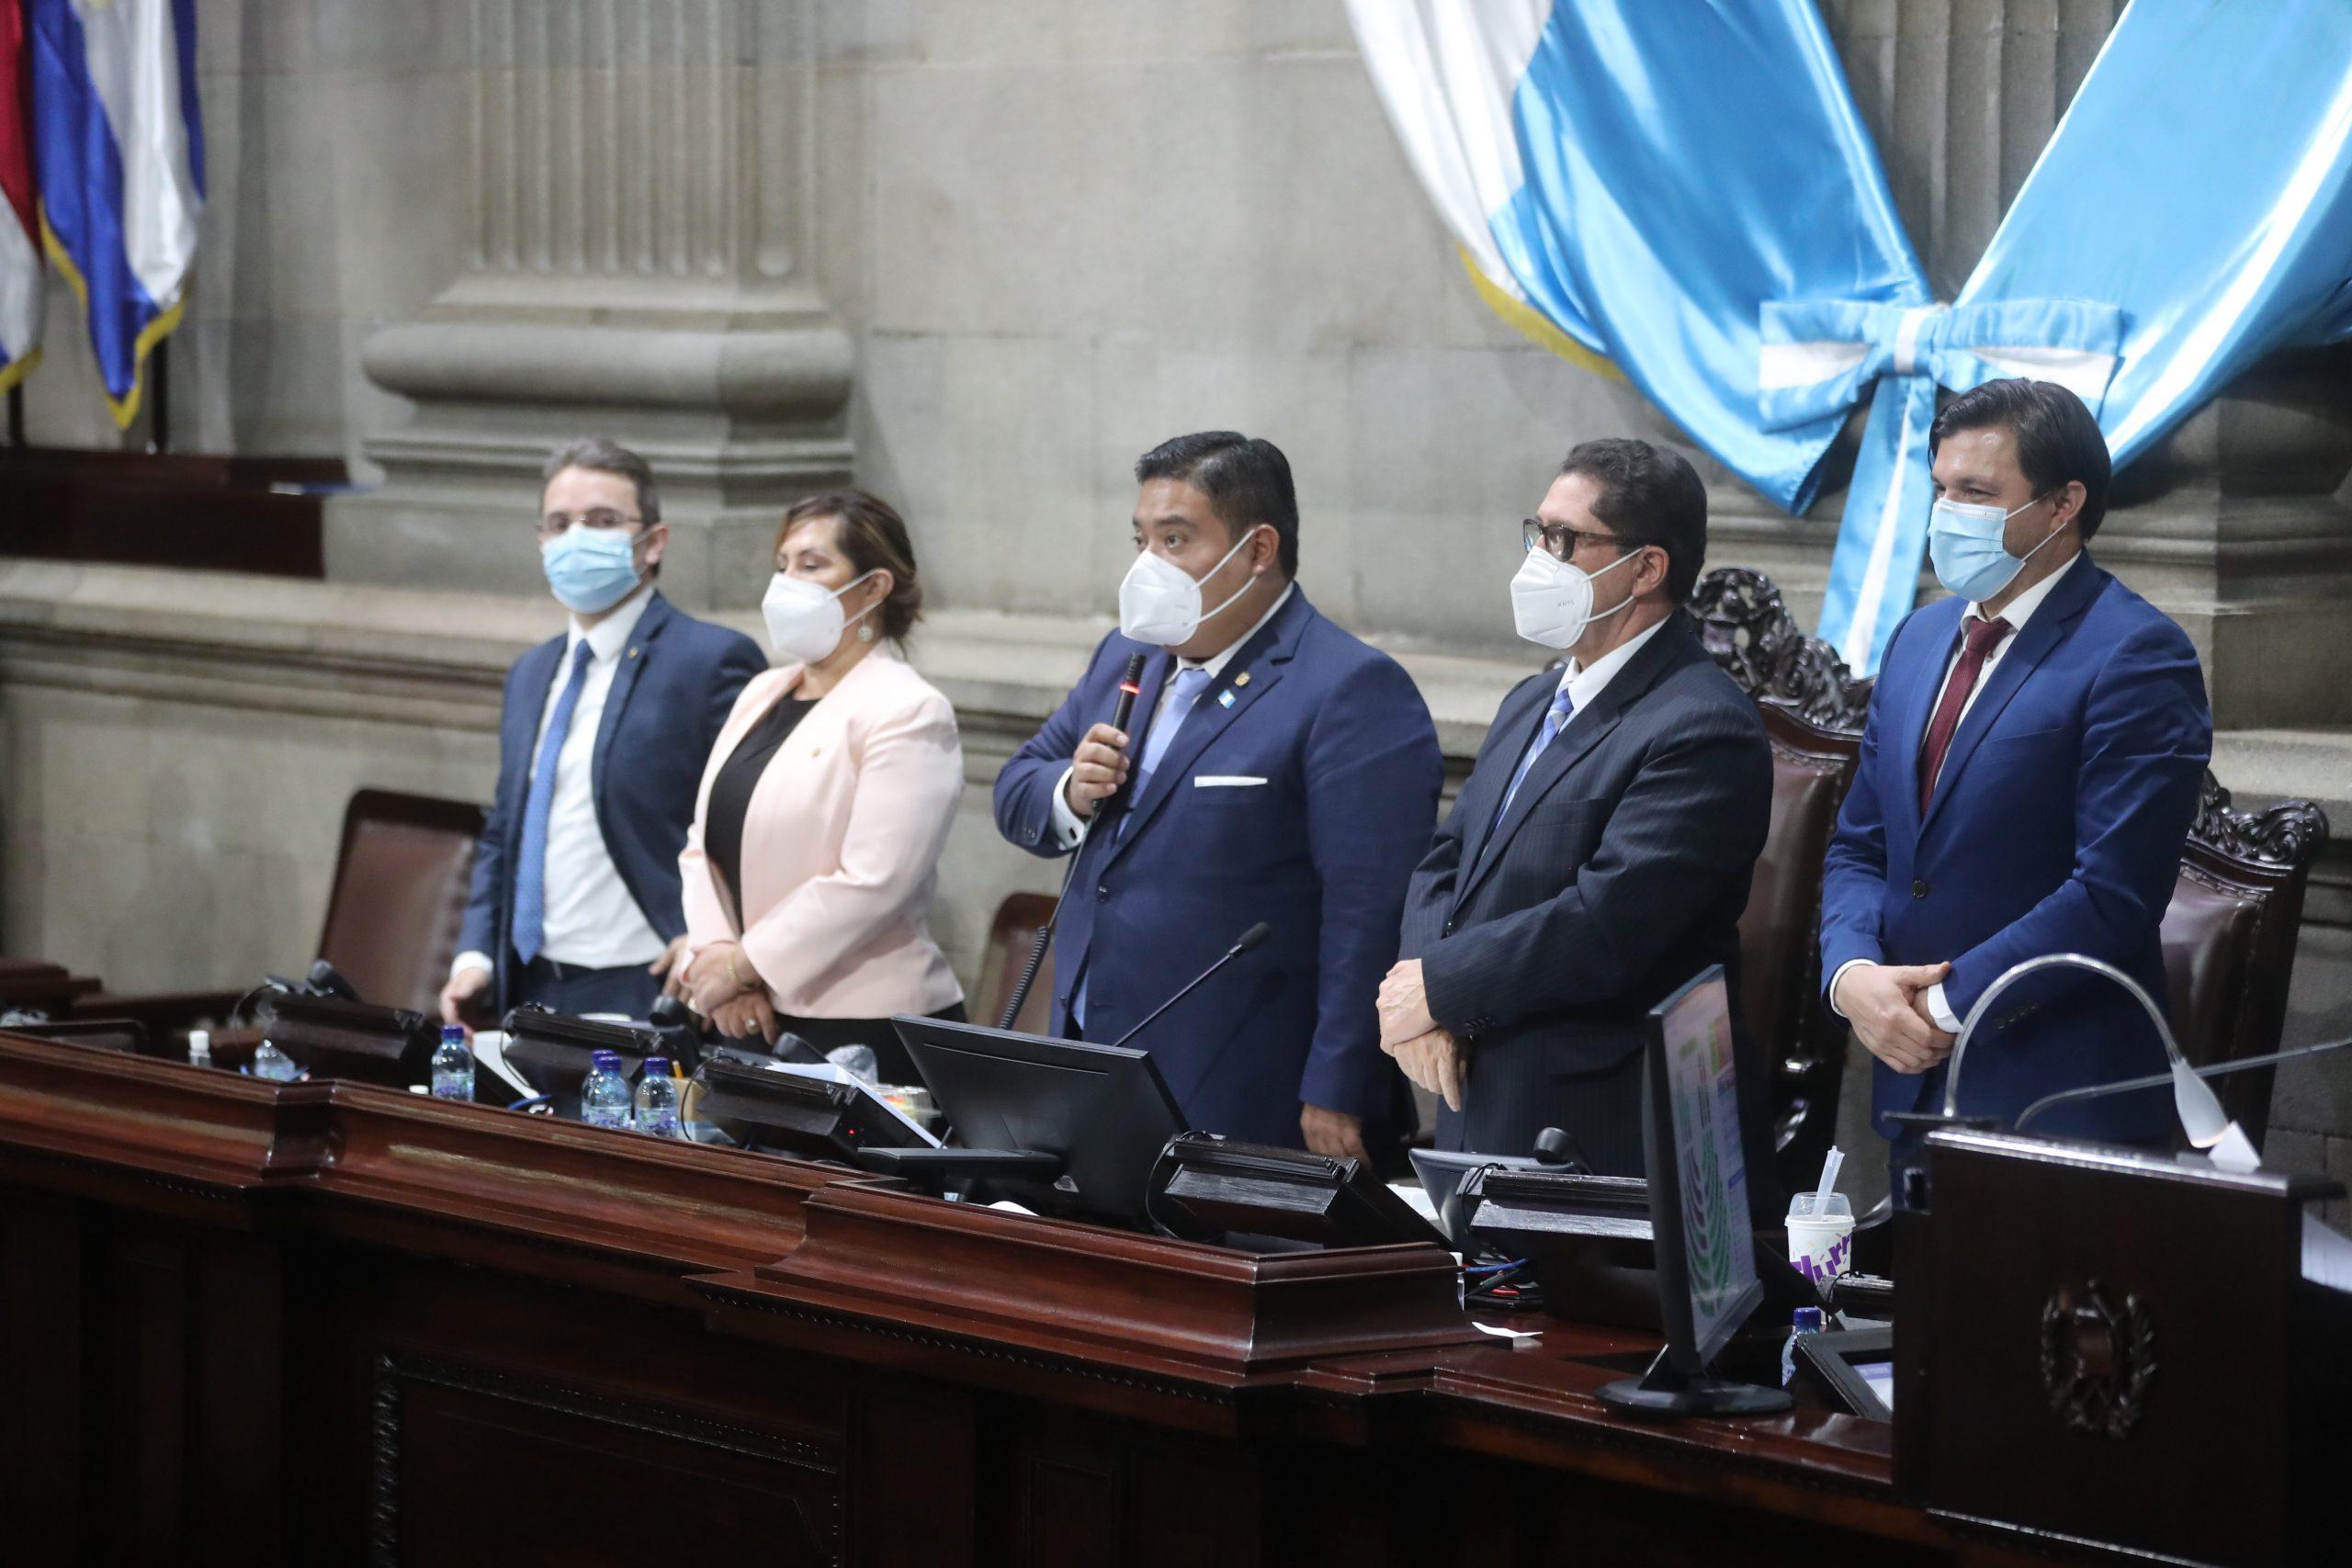 El oficialismo muestra signos de desgaste y pierde gobernabilidad del Congreso - Prensa Libre